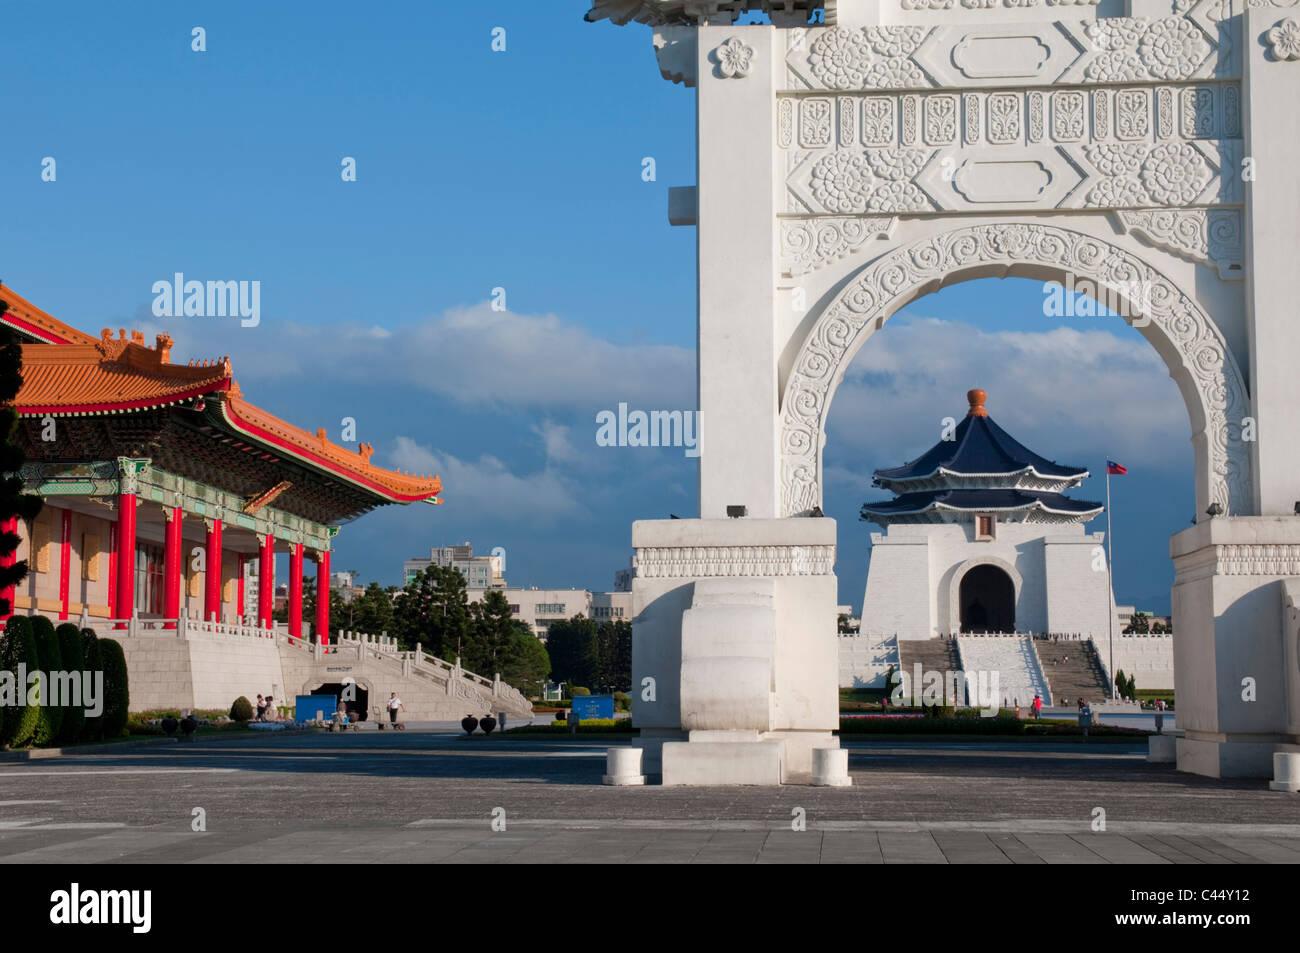 Asia, Taiwán, Taipei, RoC, China, ciudad capital, Chiang Kai Shek, Memorial Hall, el día soleado, Landmark, Imagen De Stock